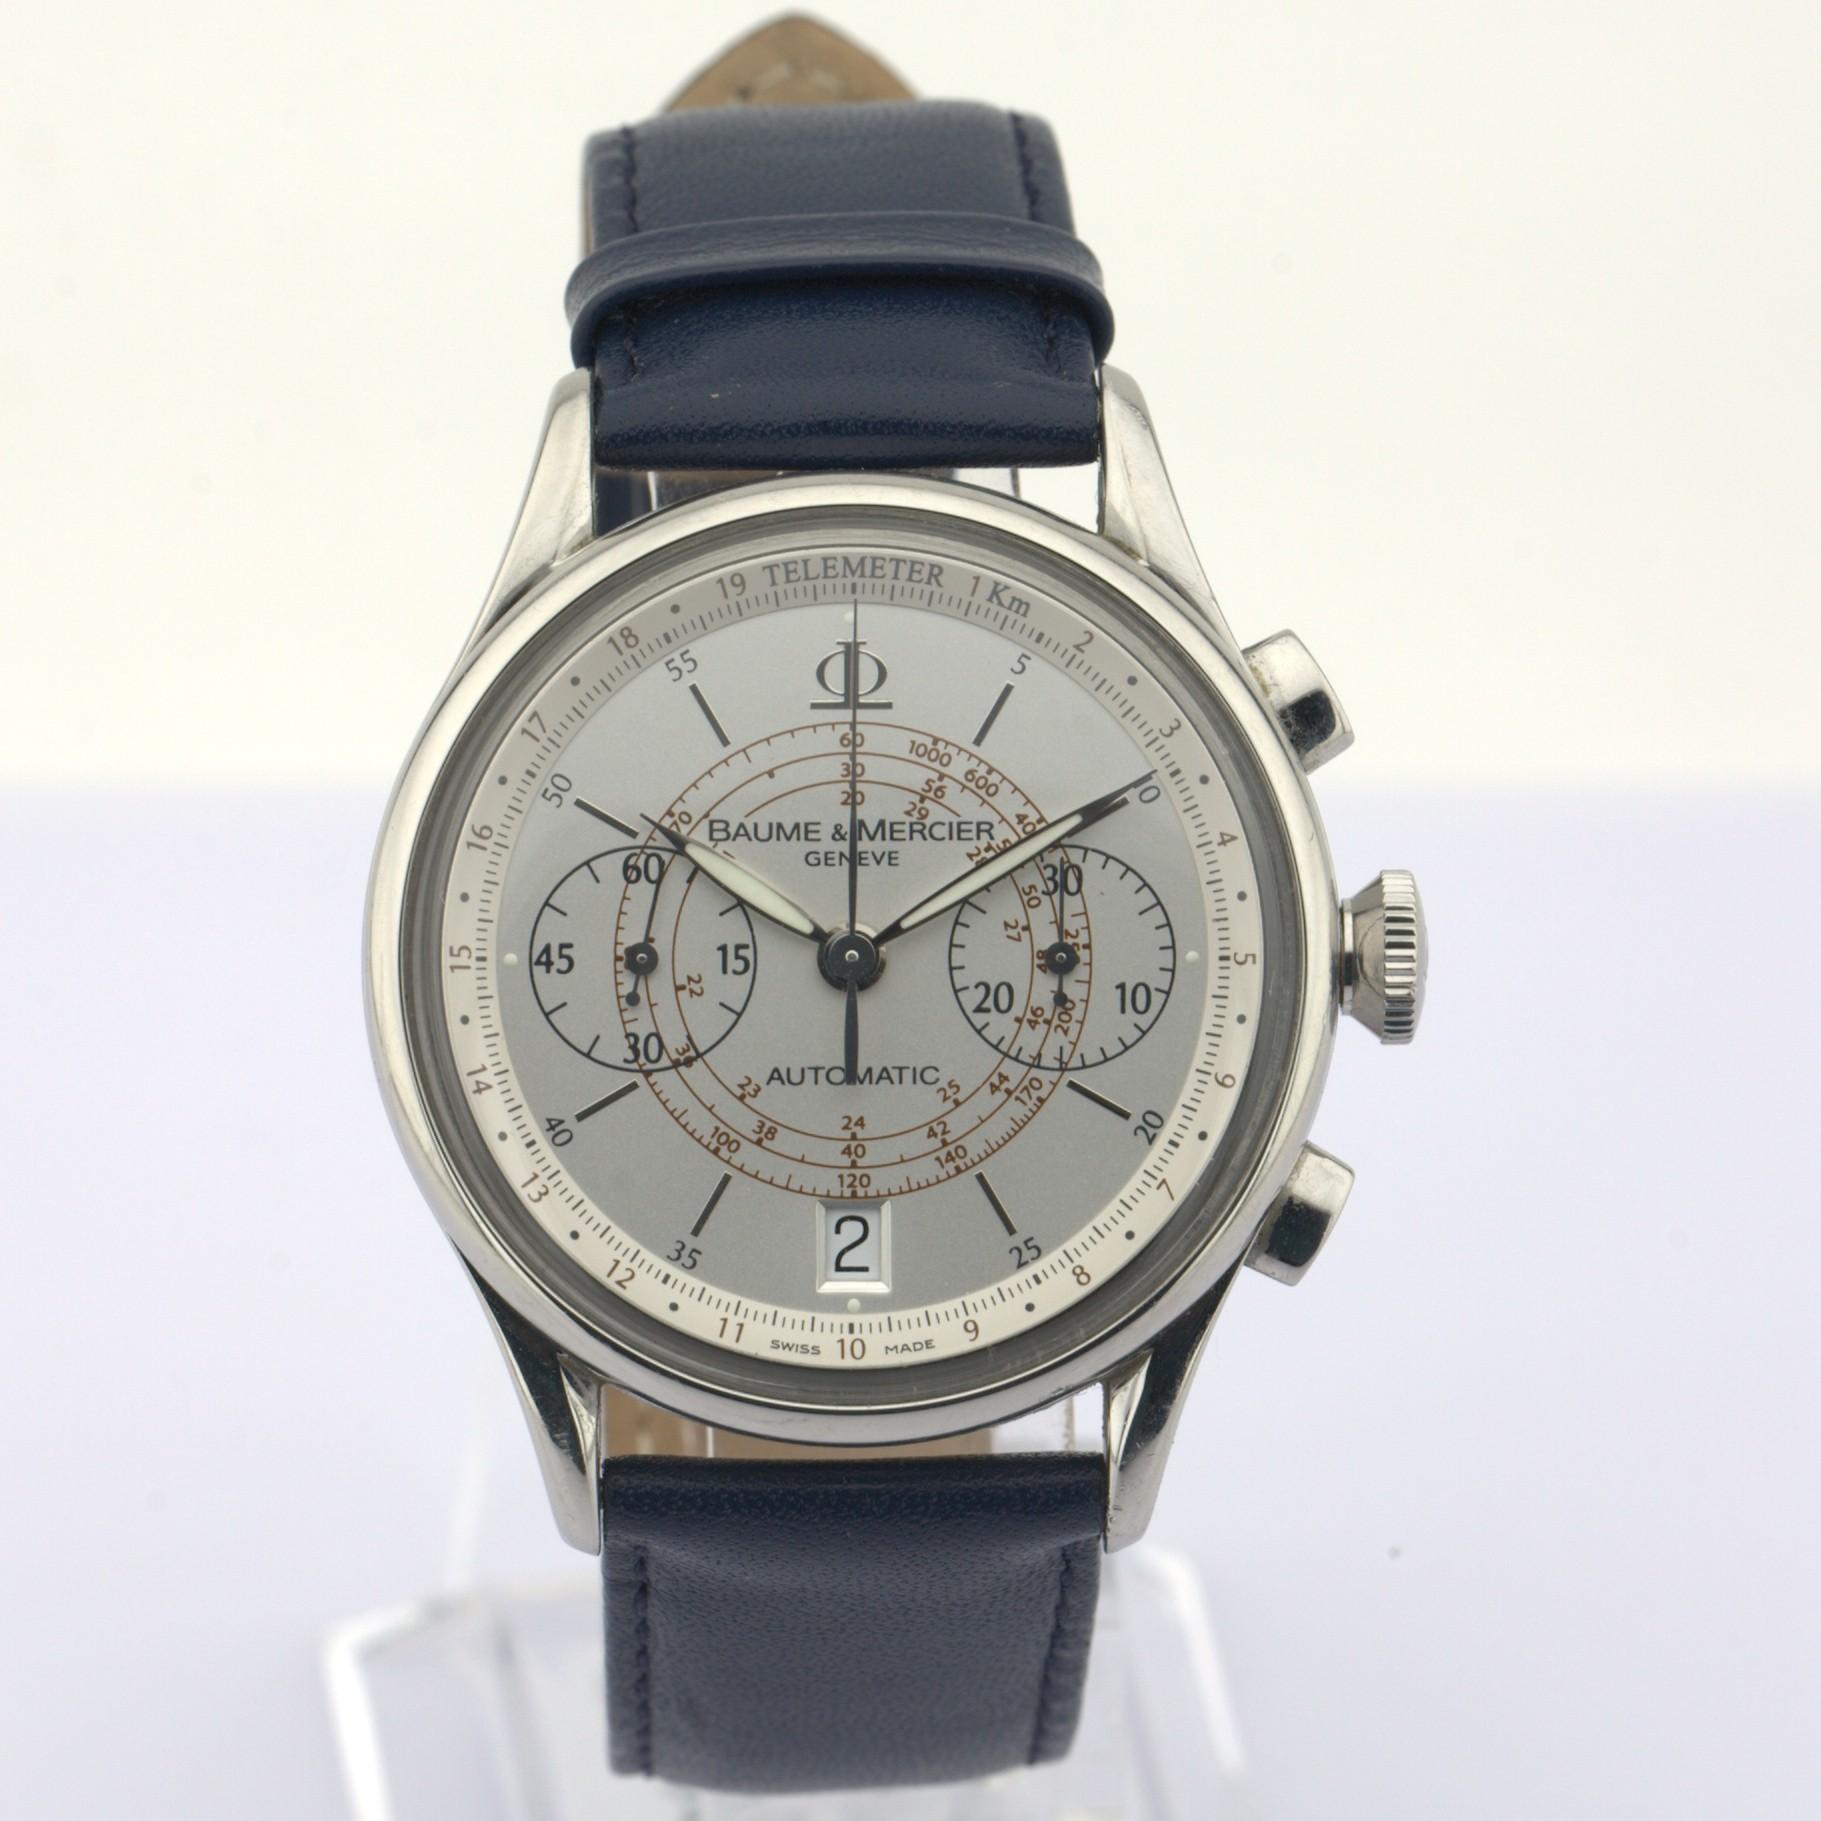 Baume & Mercier / 65542 - Gentlemen's Steel Wrist Watch - Image 3 of 10